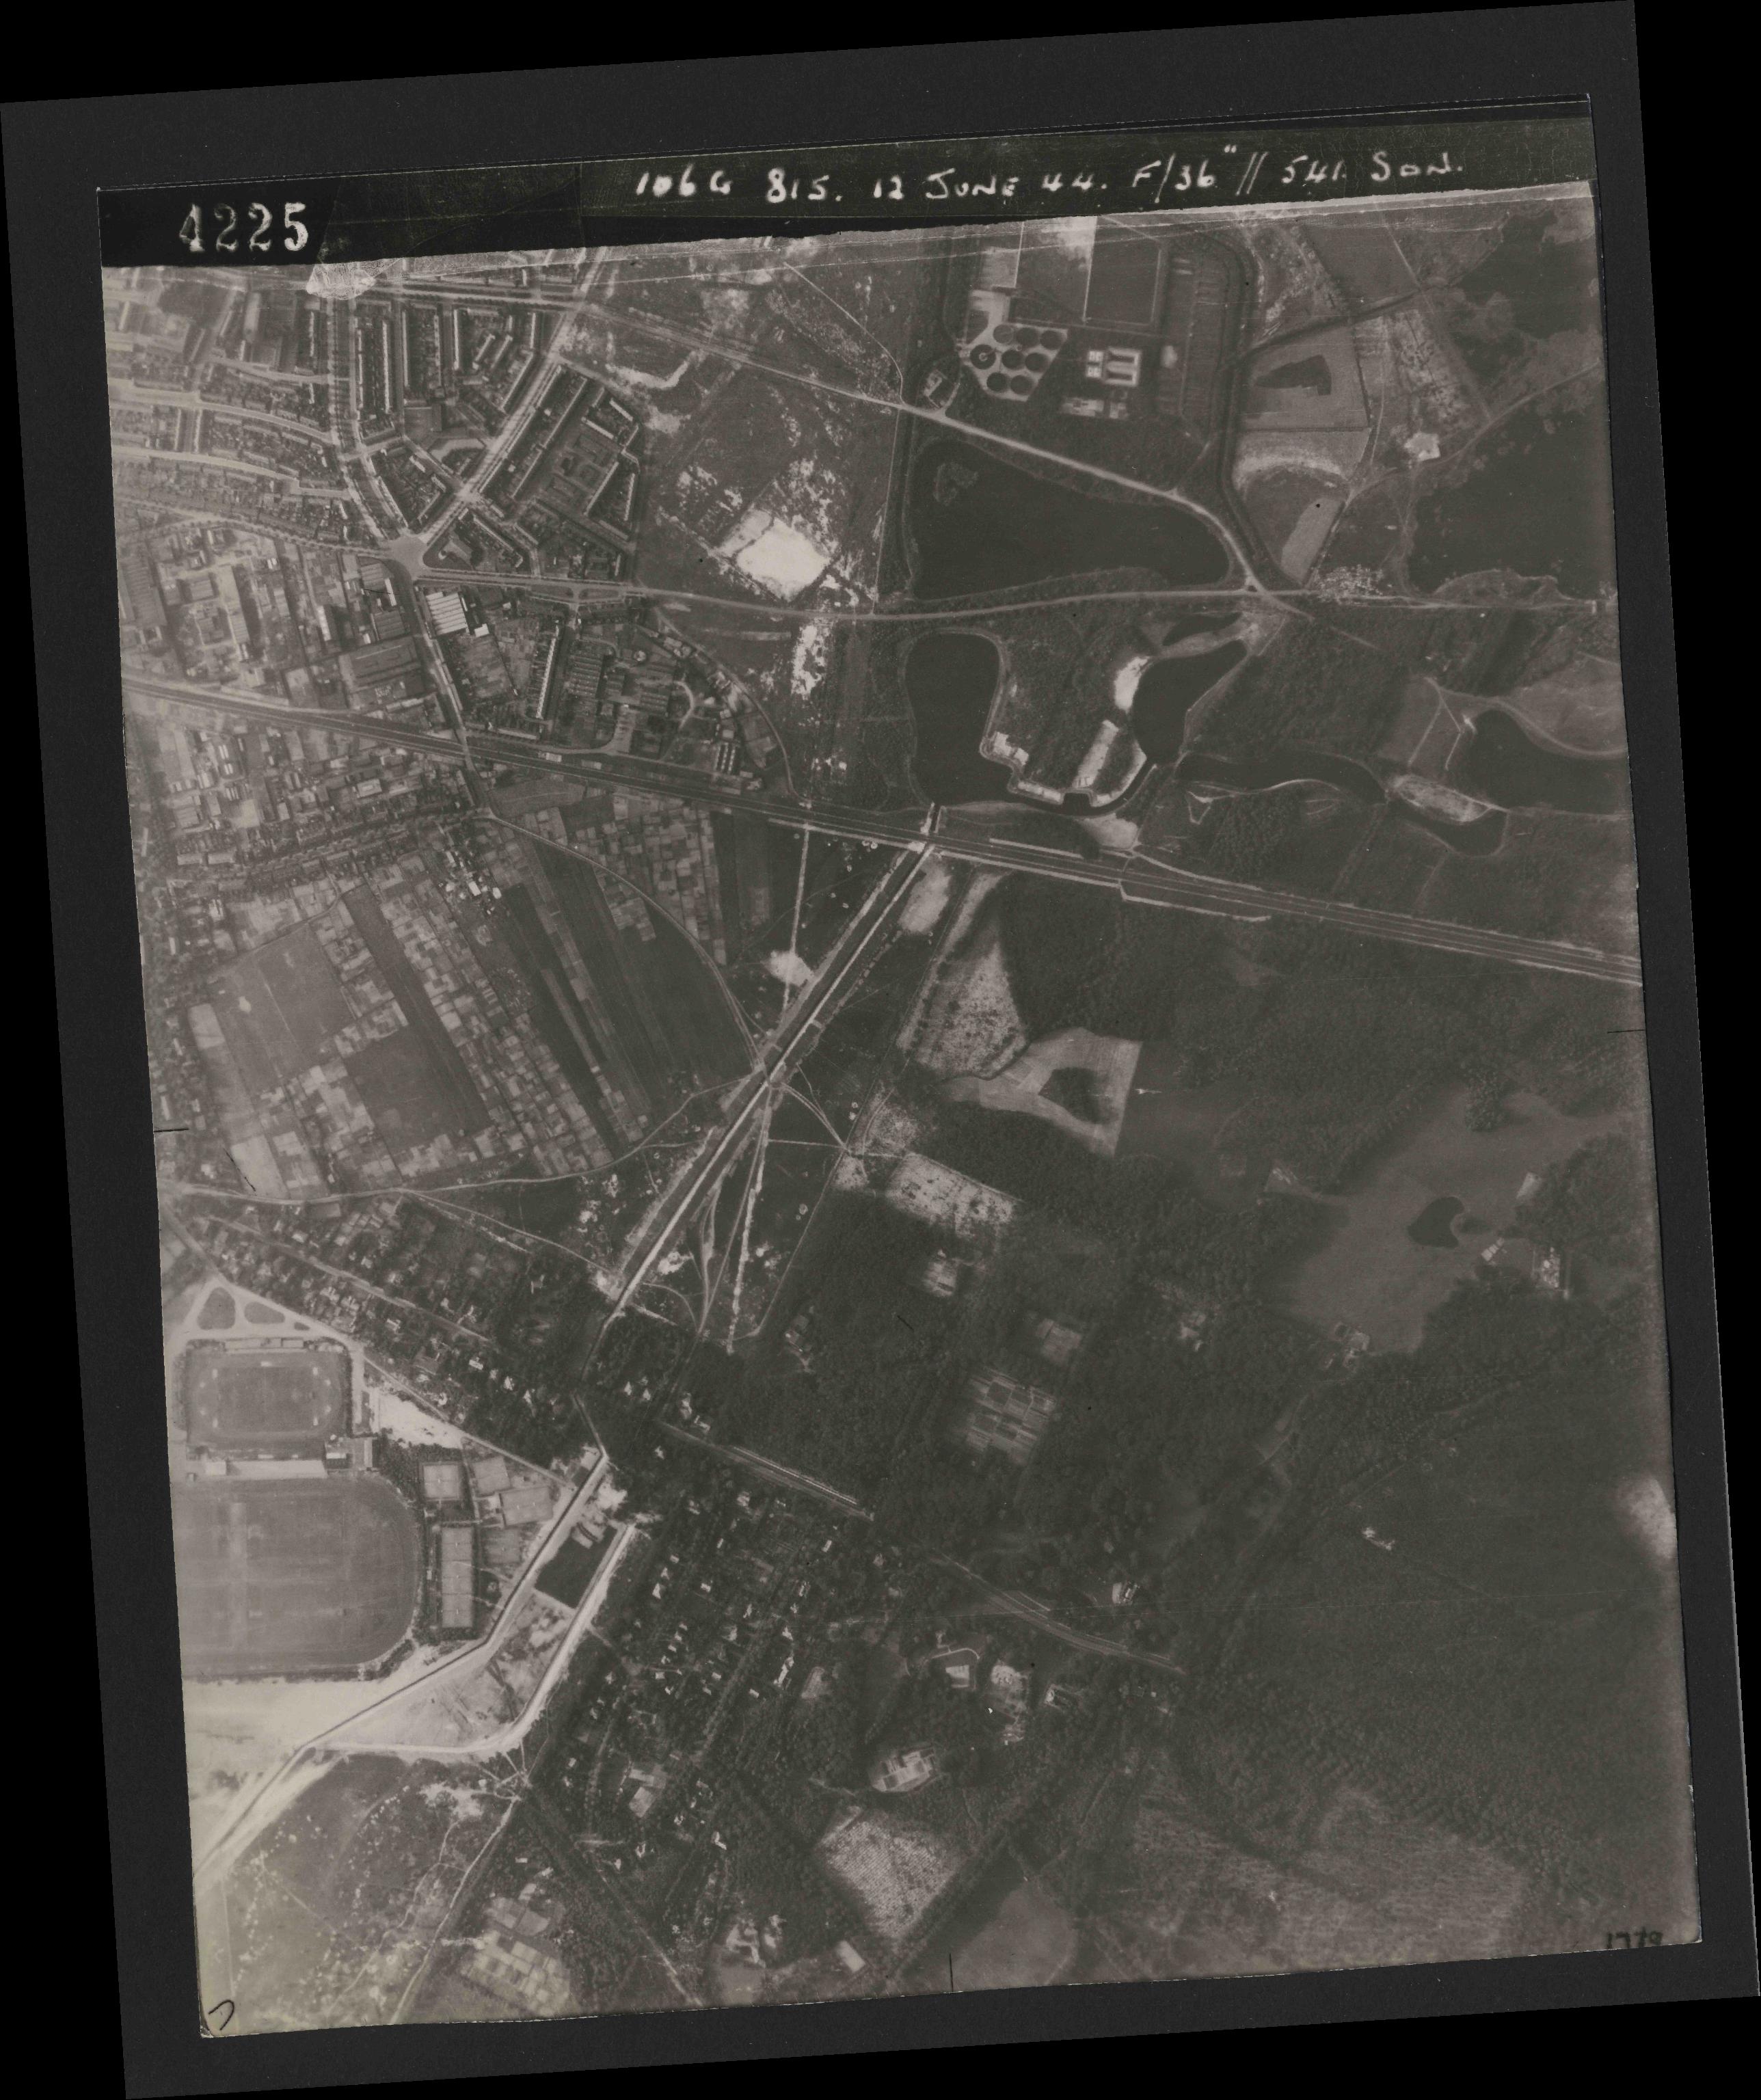 Collection RAF aerial photos 1940-1945 - flight 175, run 05, photo 4225